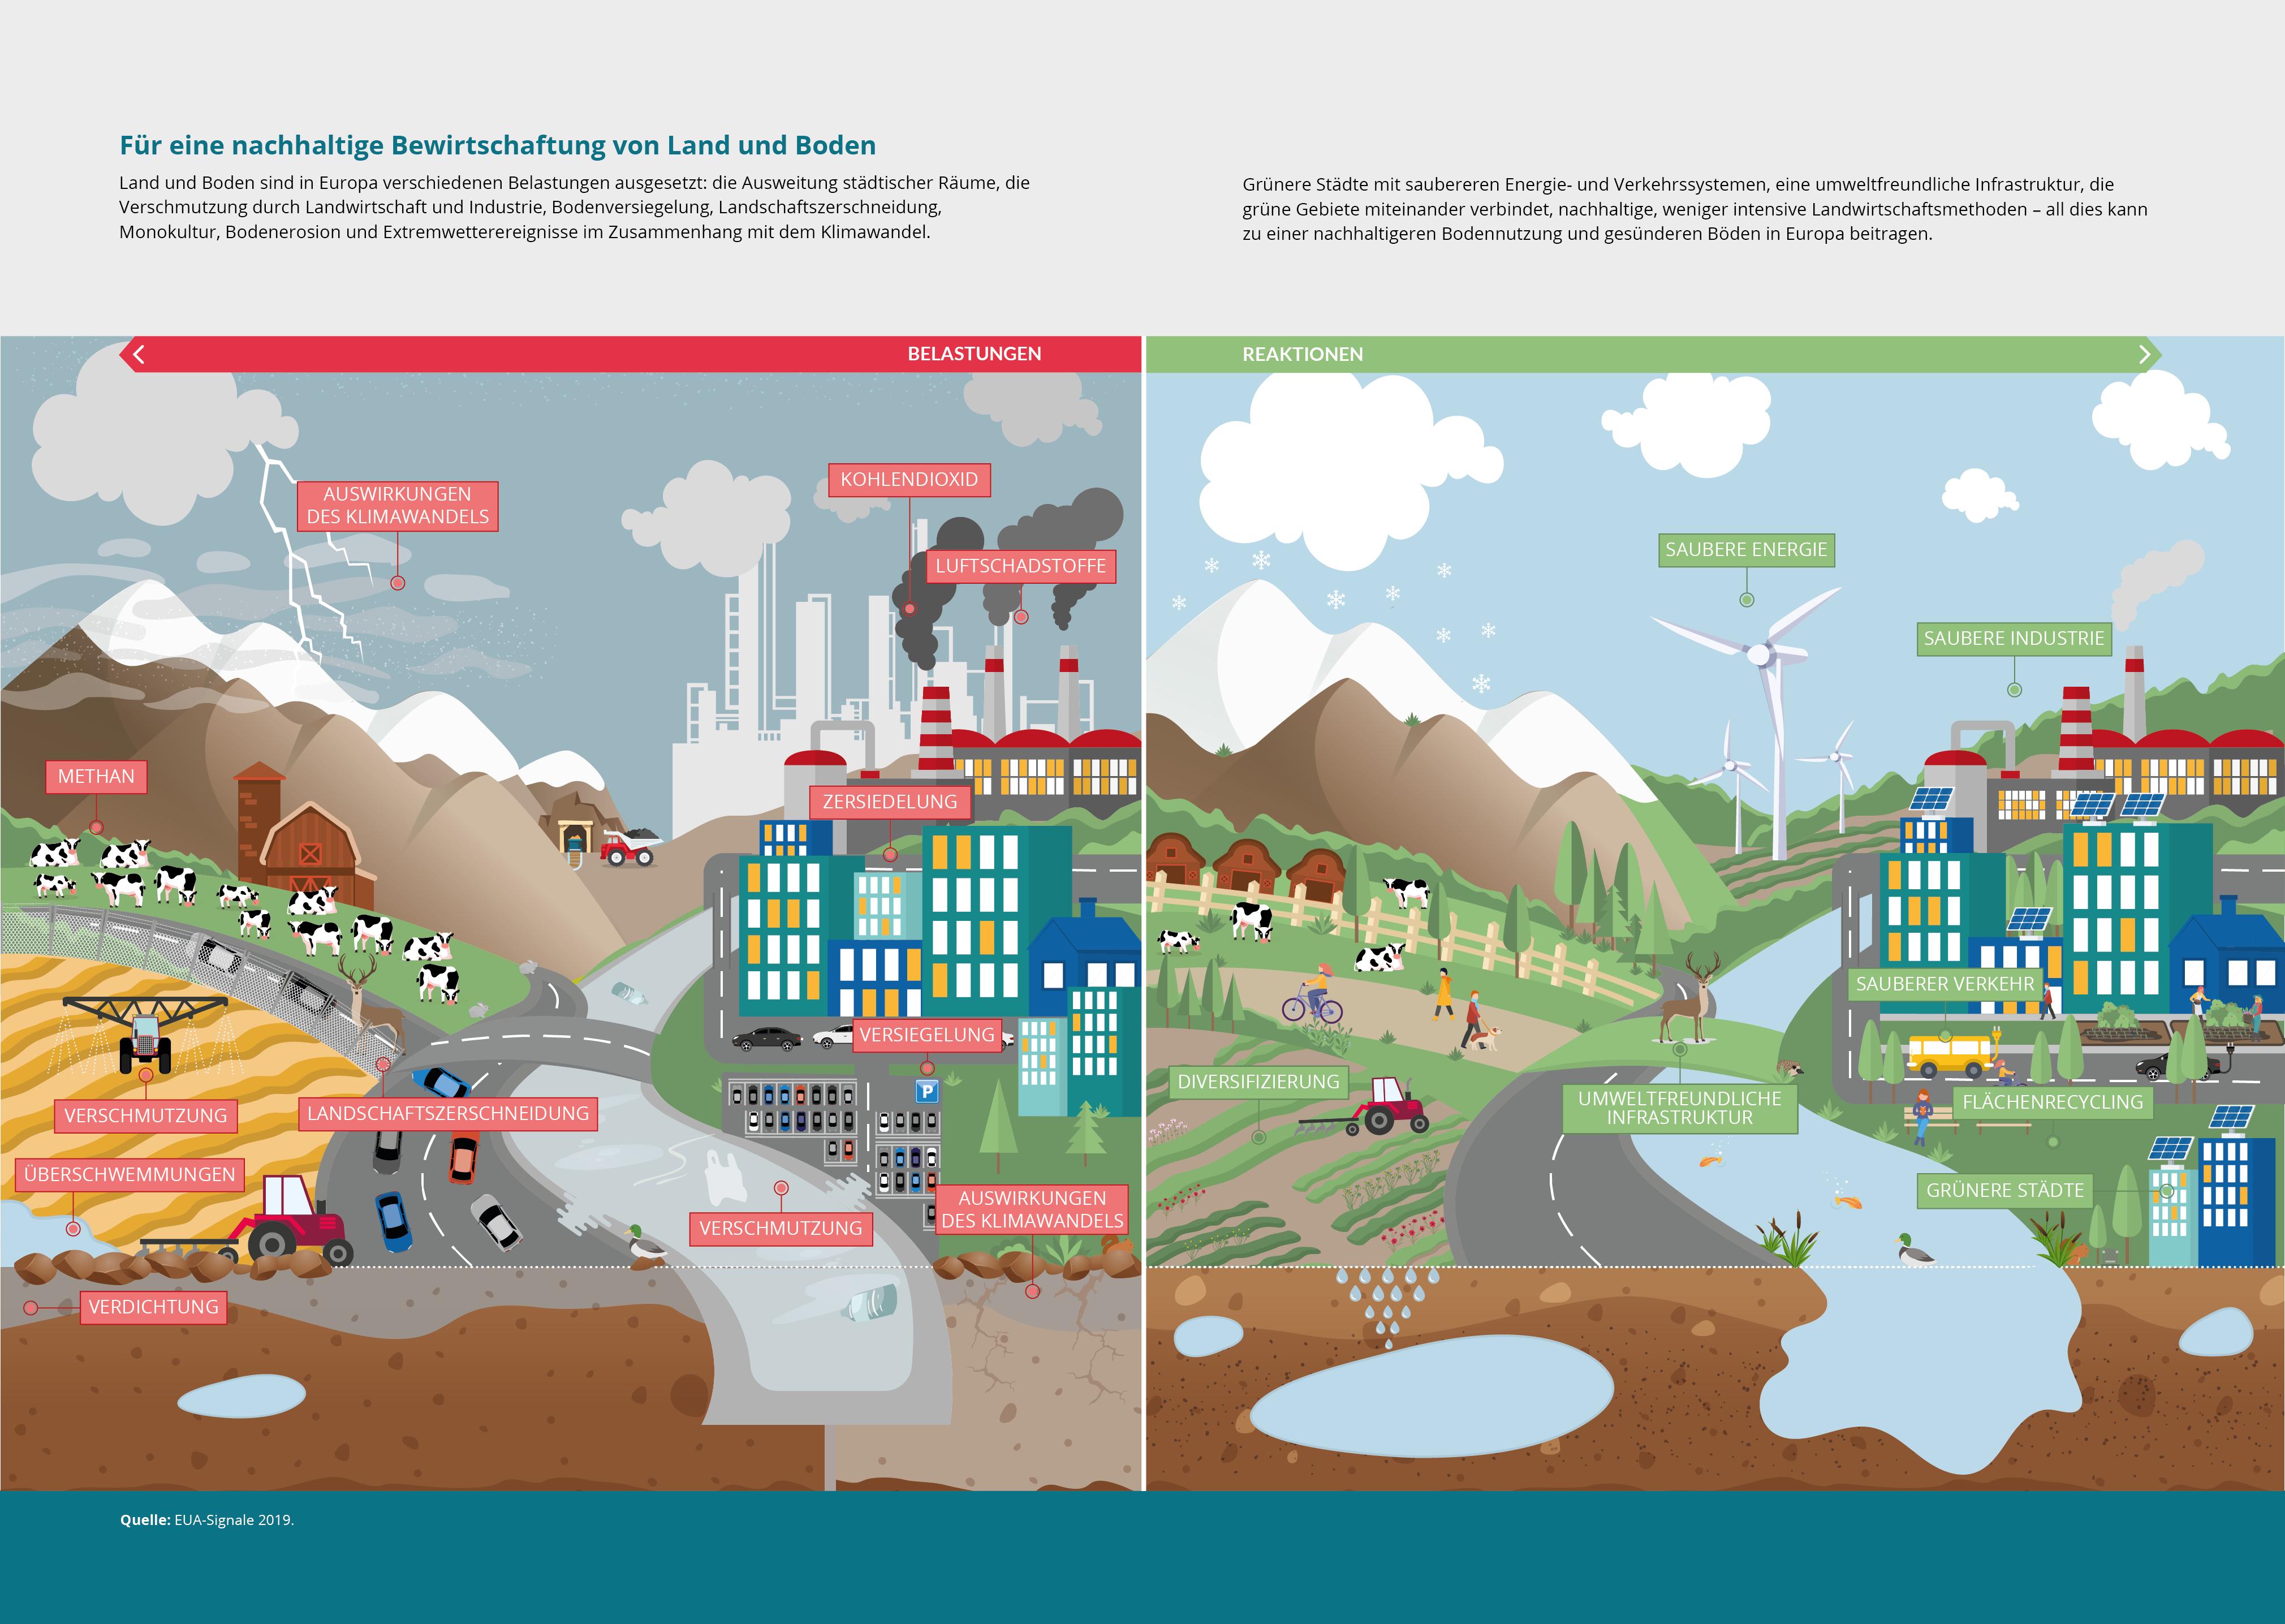 Für eine nachhaltige Bewirtschaftung von Land und Boden